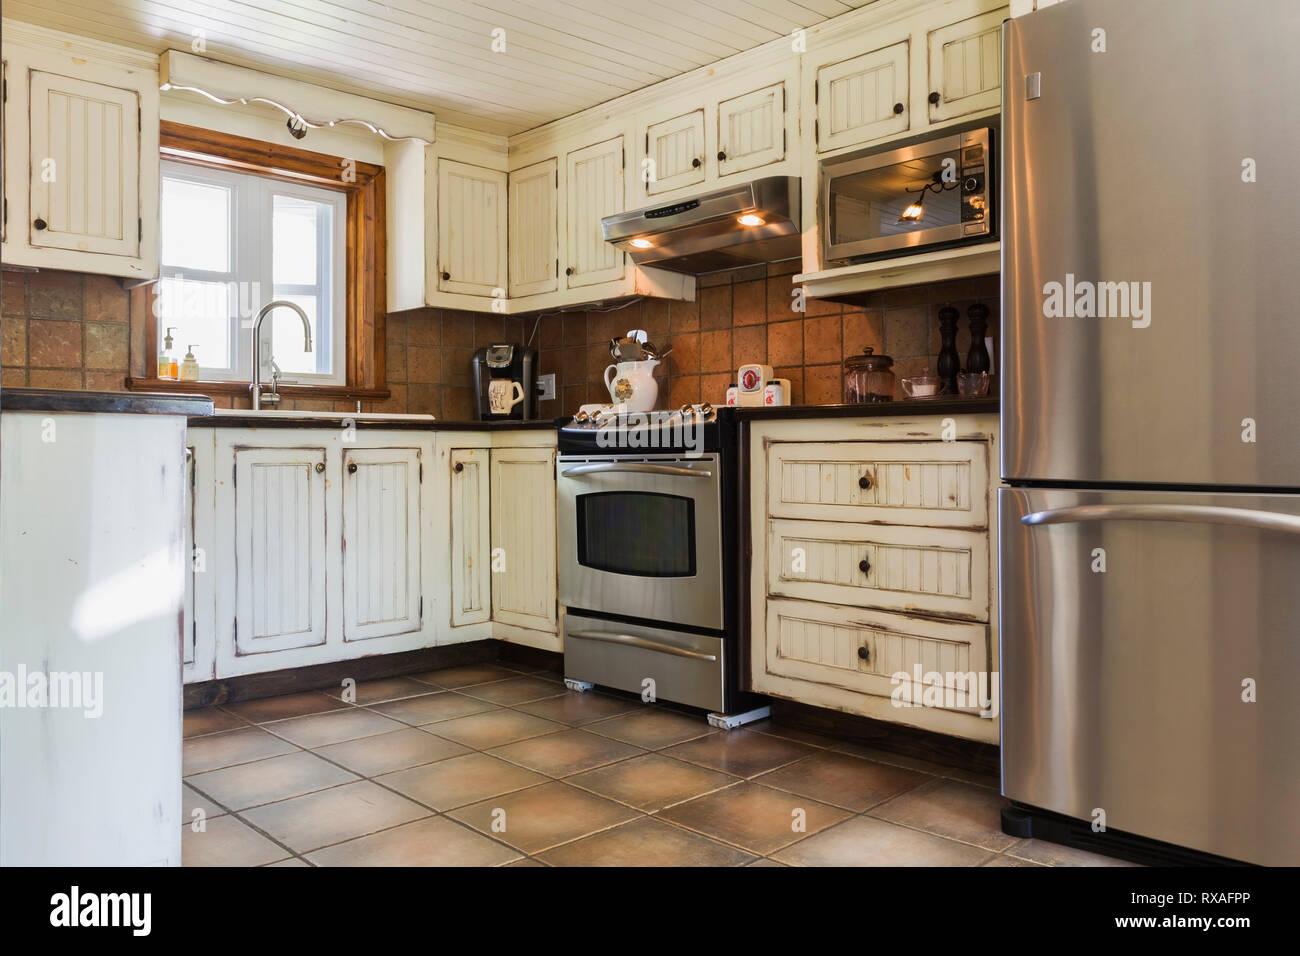 Cream Kitchen Cabinets Stock Photos & Cream Kitchen Cabinets ...